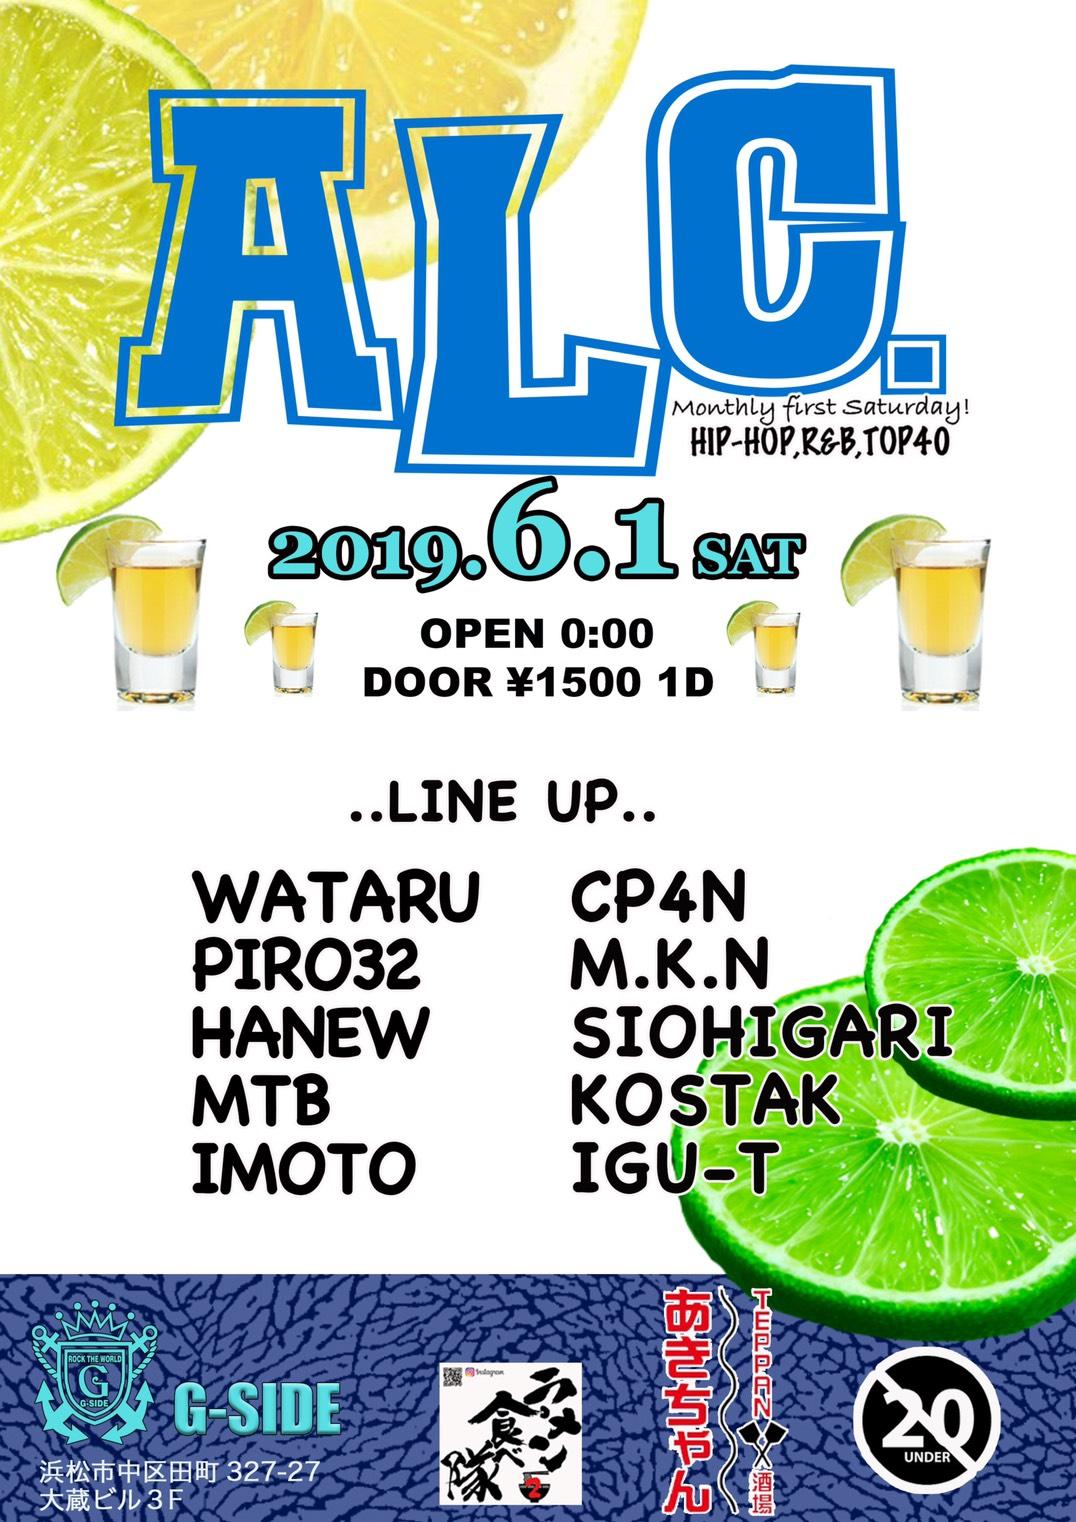 6月1日土曜日 ALC.